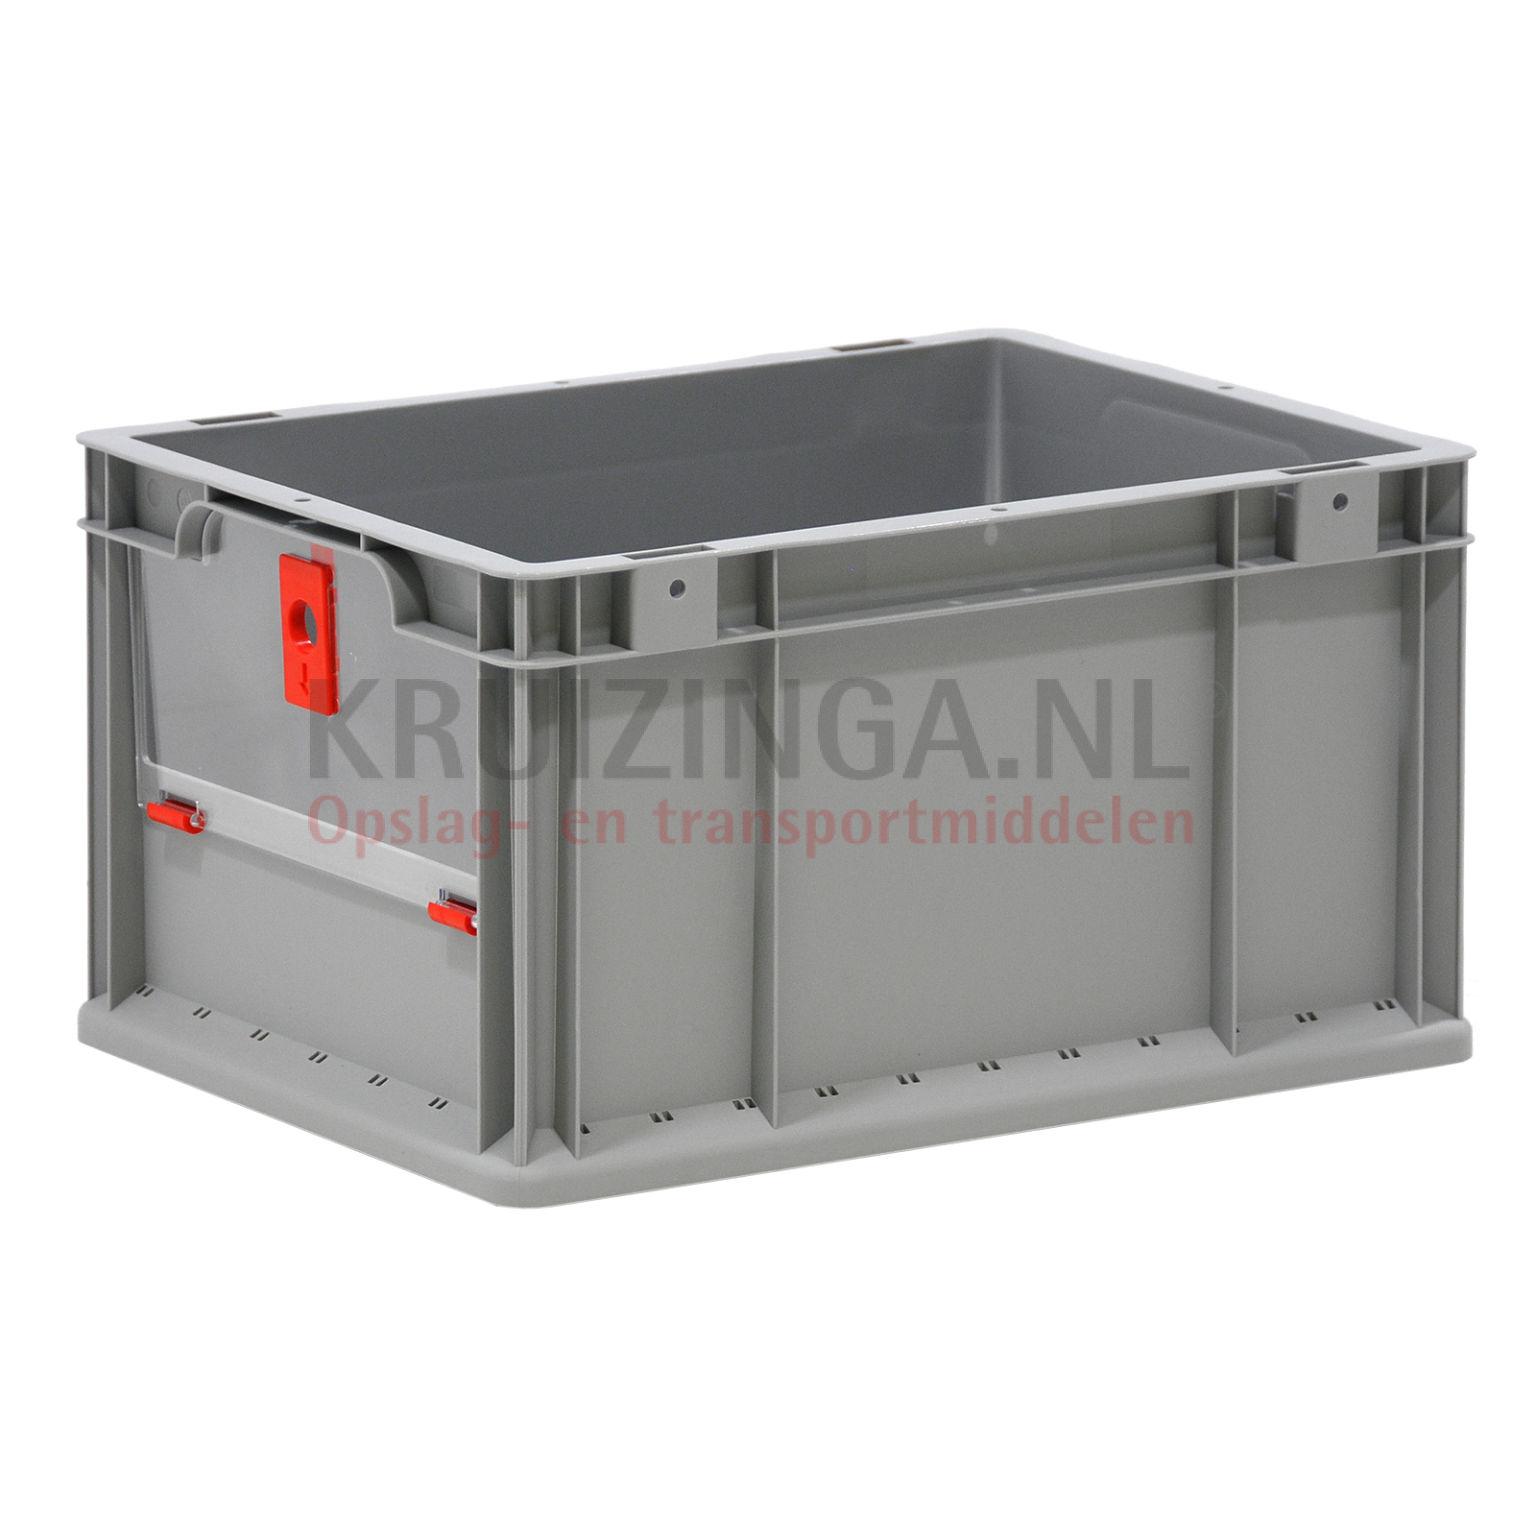 stapelboxen kunststoff zubeh r schwenkbare klappe f r kurzen seite ab 6 25 frei haus. Black Bedroom Furniture Sets. Home Design Ideas